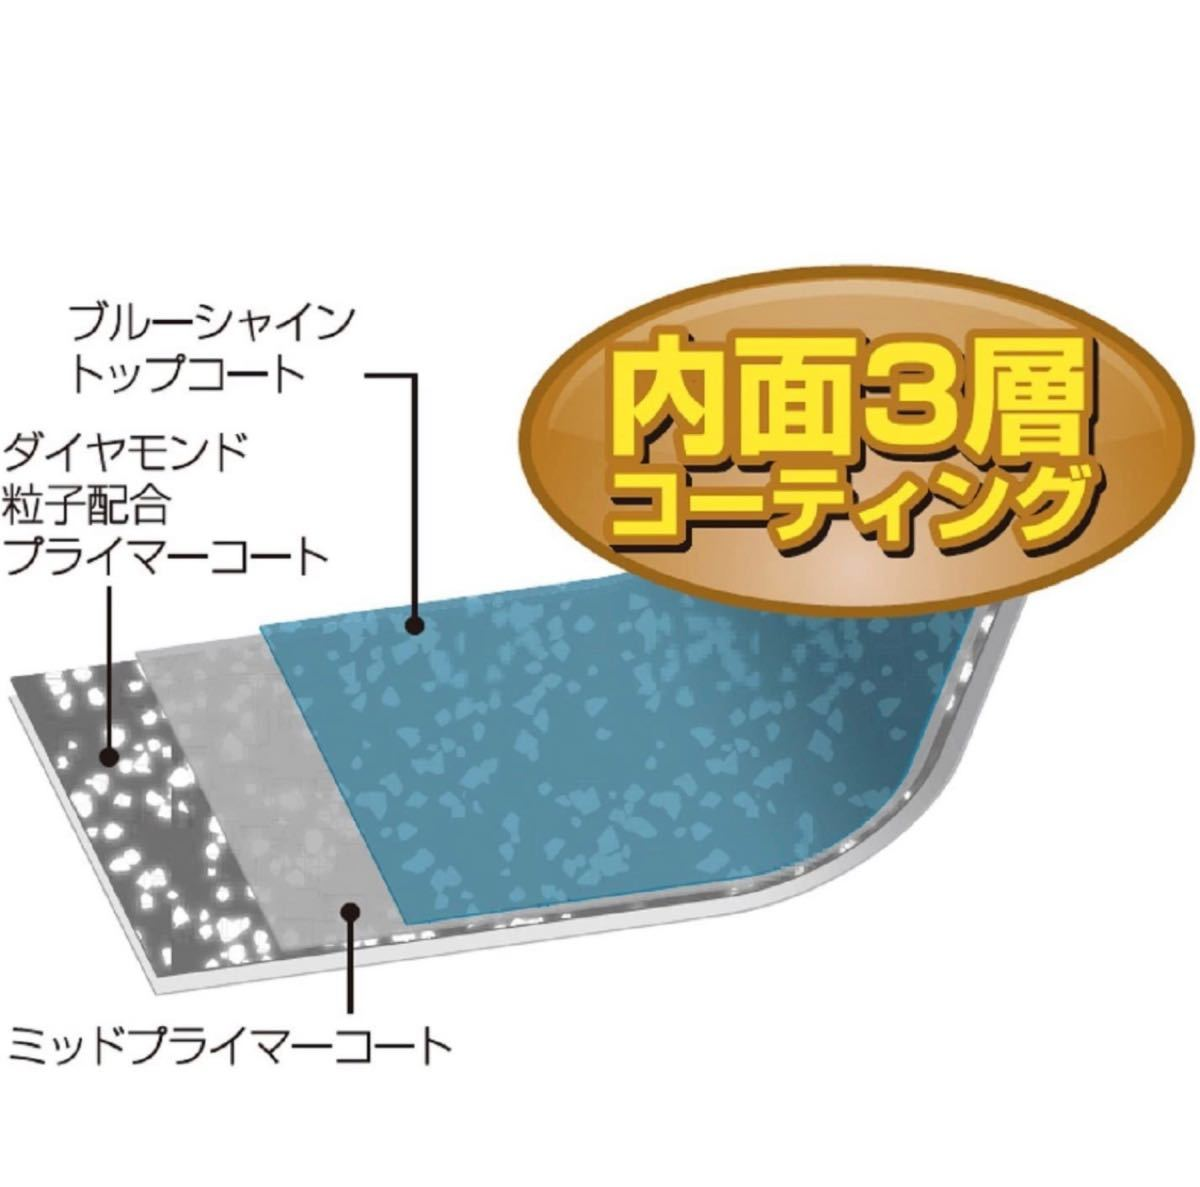 パール金属 取っ手の取れる 鍋 フライパン 5点セット IH対応 ブルーダイヤモンドコート  ルクスパン HB-2444